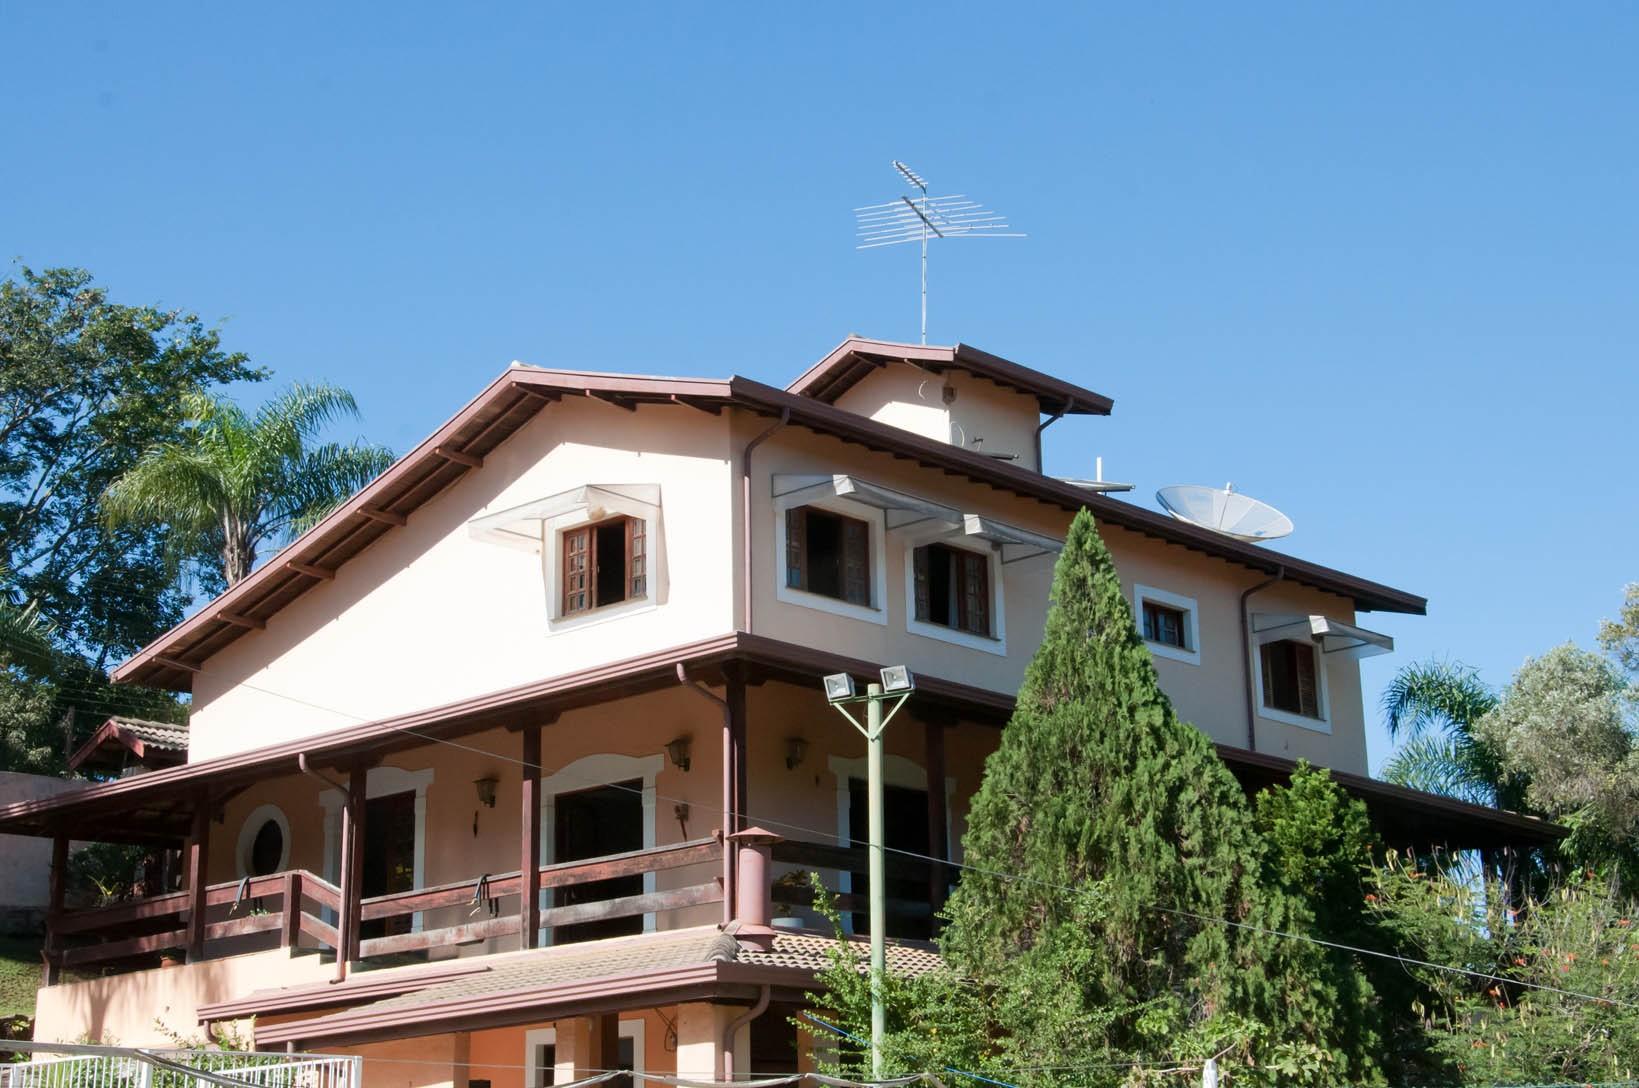 Sobrado de 4 dormitórios em Vale Do Itamaraca, Valinhos - SP